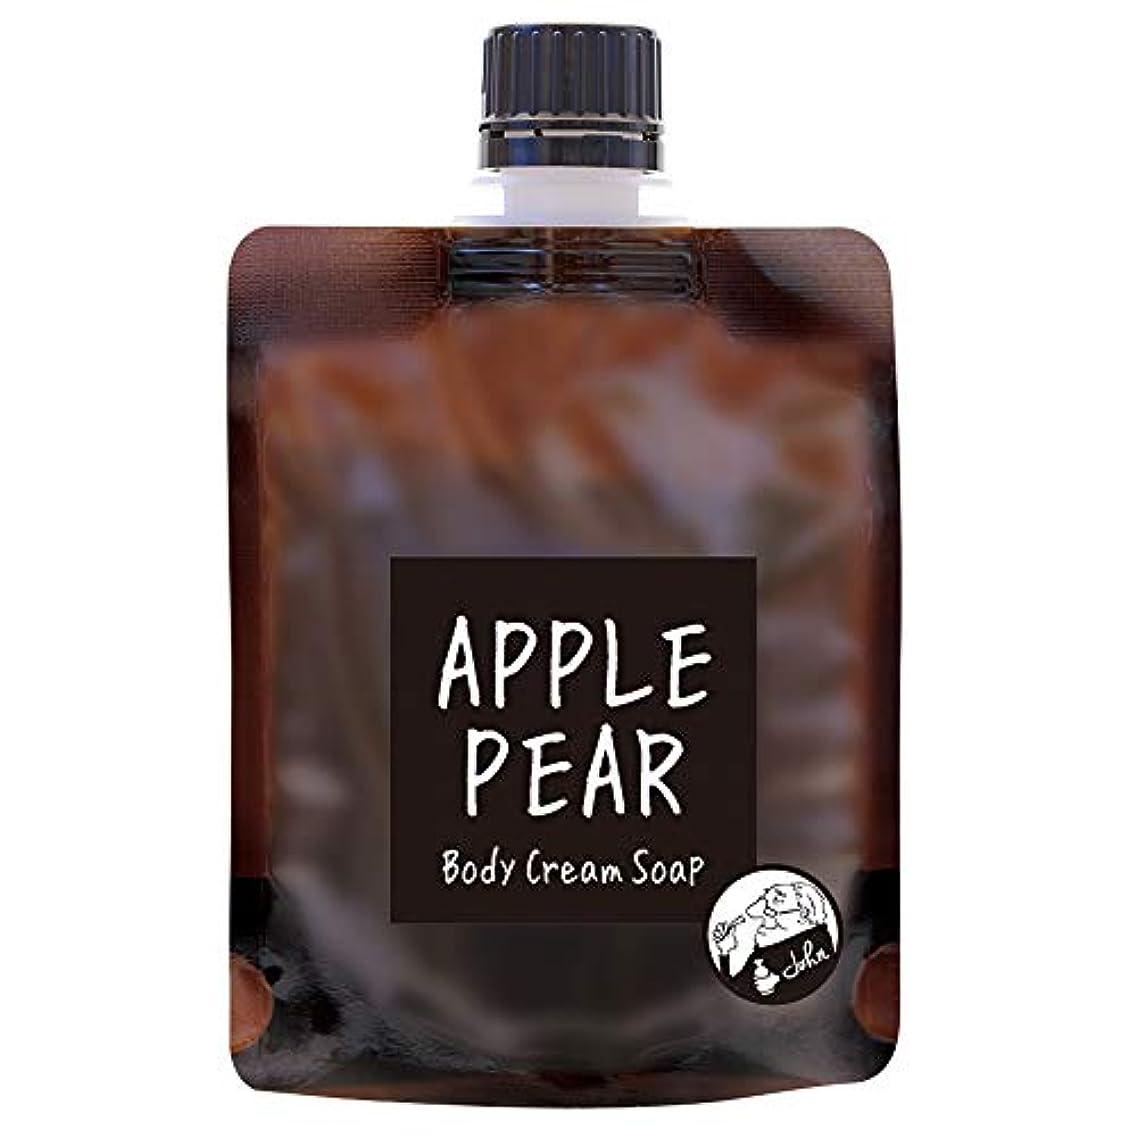 瀬戸際くつろぐかんたんノルコーポレーション John's Blend ボディクリームソープ 保湿成分配合 OA-JON-19-4 ボディソープ アップルペアーの香り 100g